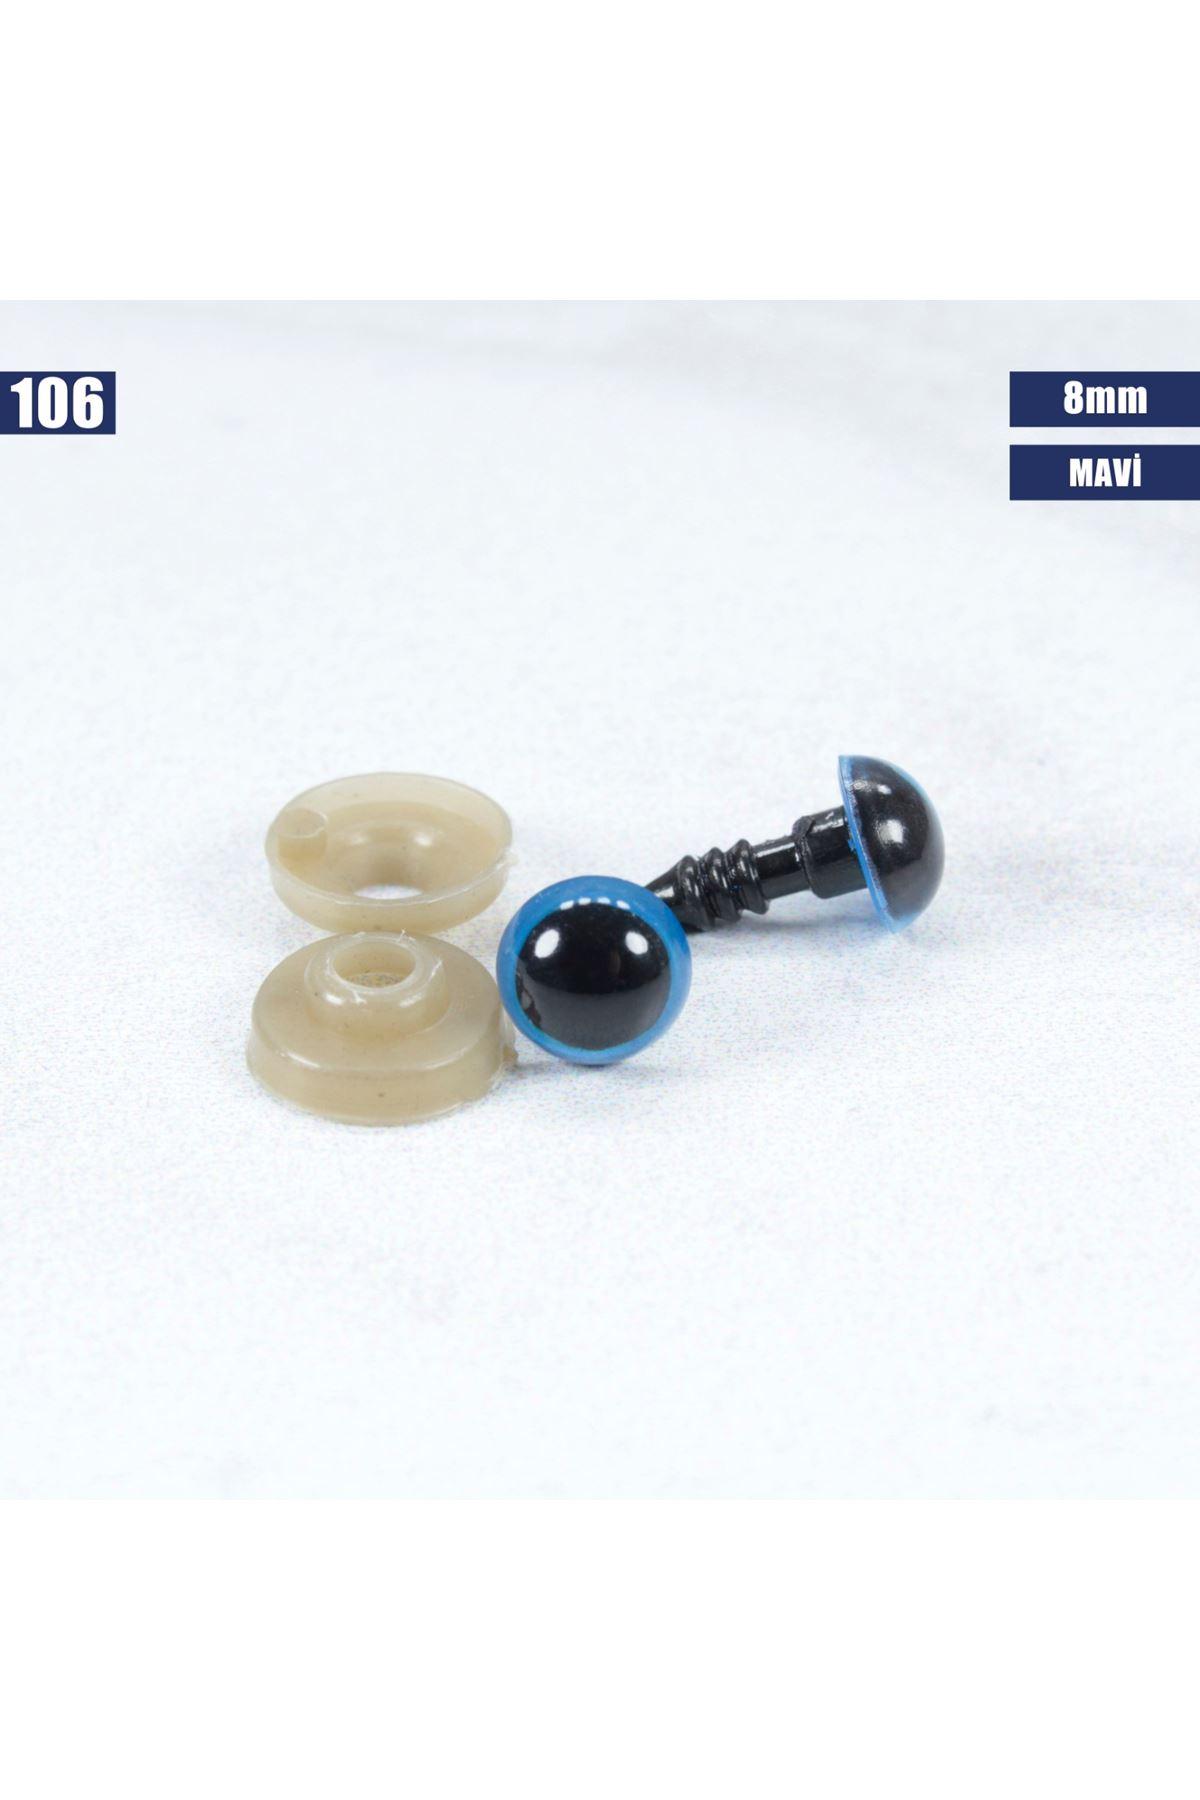 Mavi Vidalı Göz 8 mm - 106